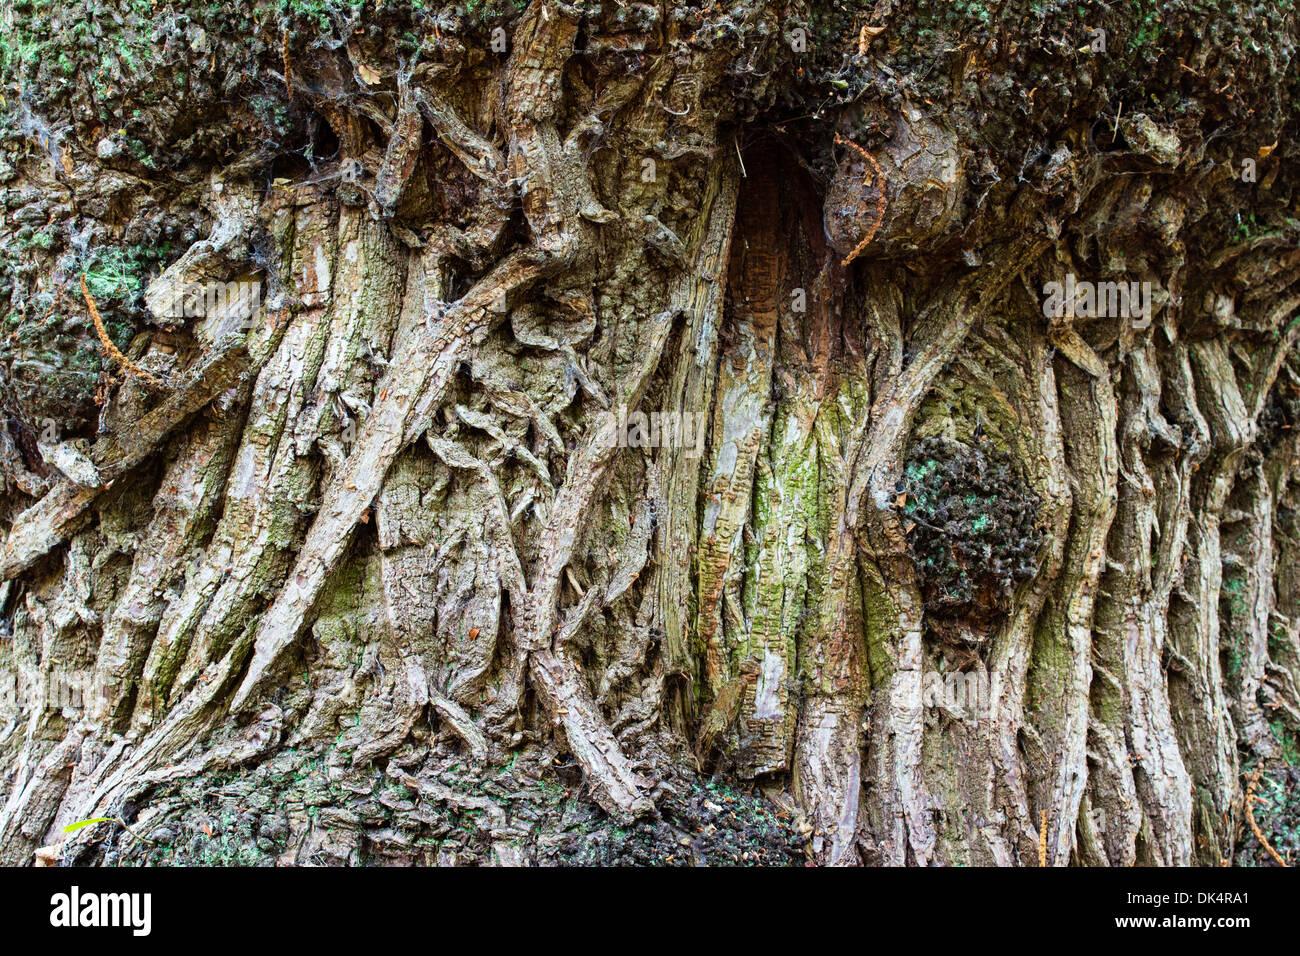 Sweet chestnut (Castanea sativa) study of bark texture on mature